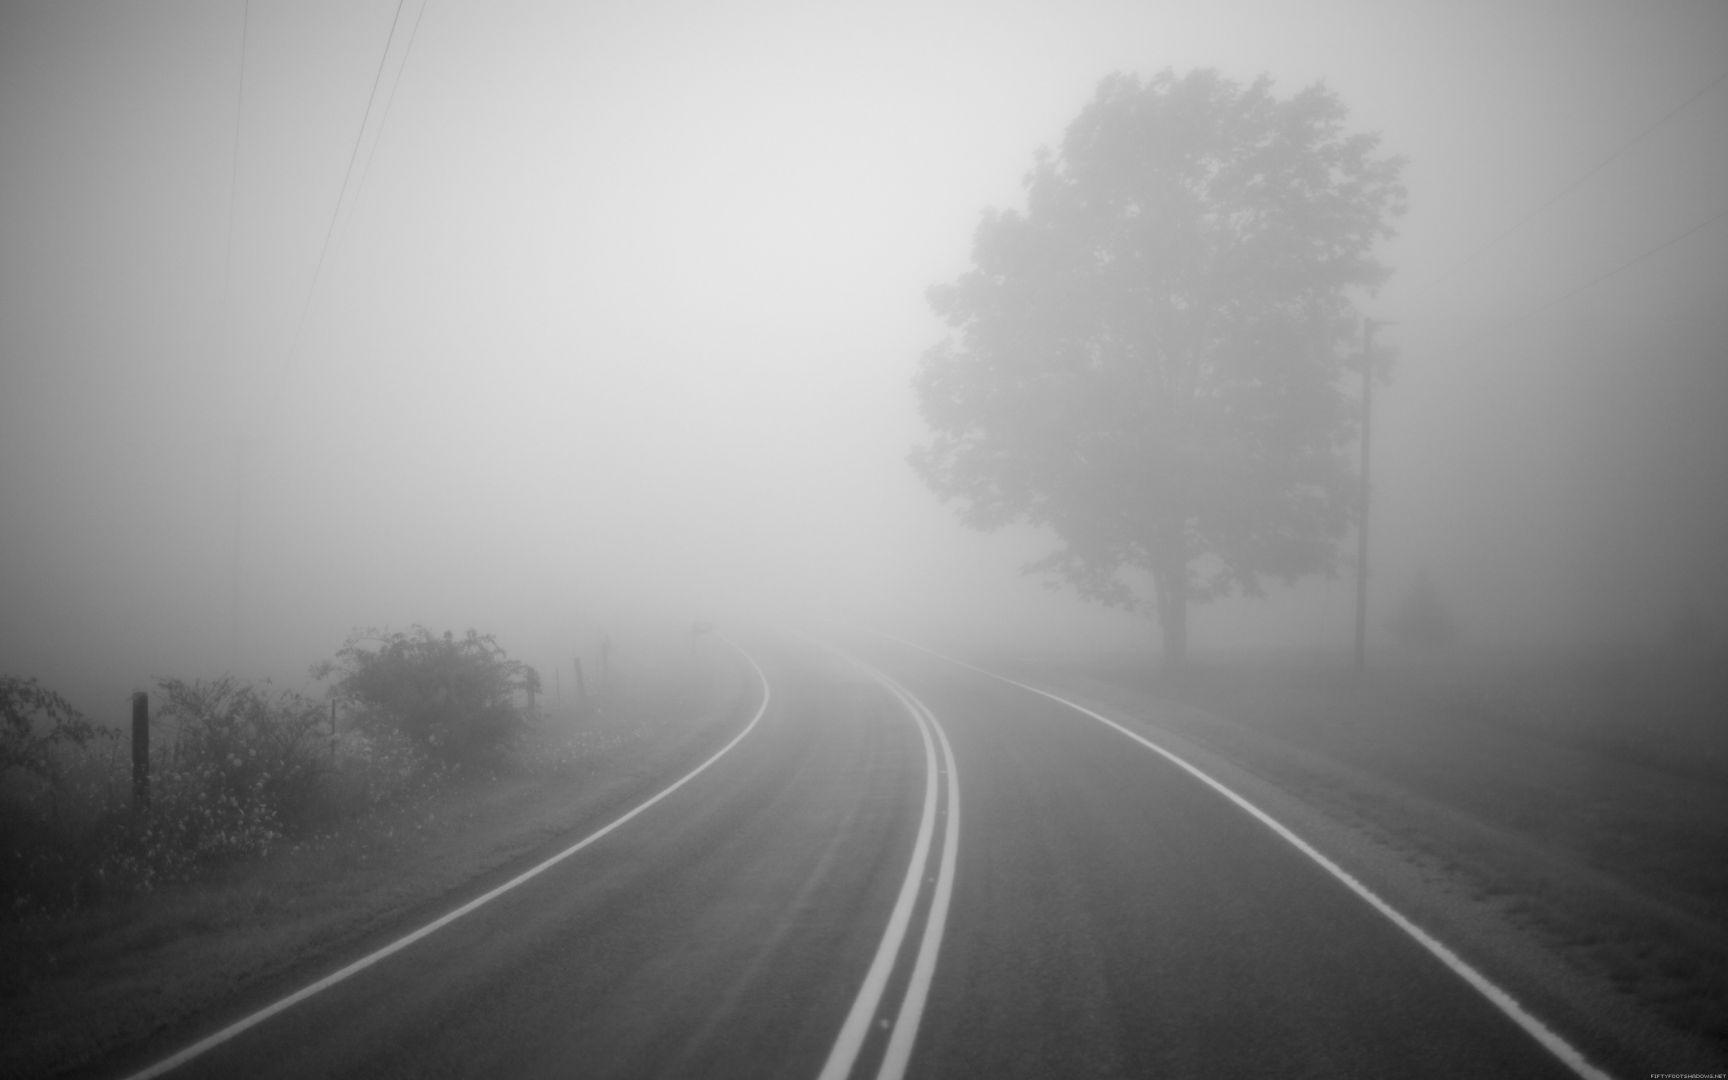 ГИБДД: из-за тумана наСтаврополья водителей призывают квнимательности